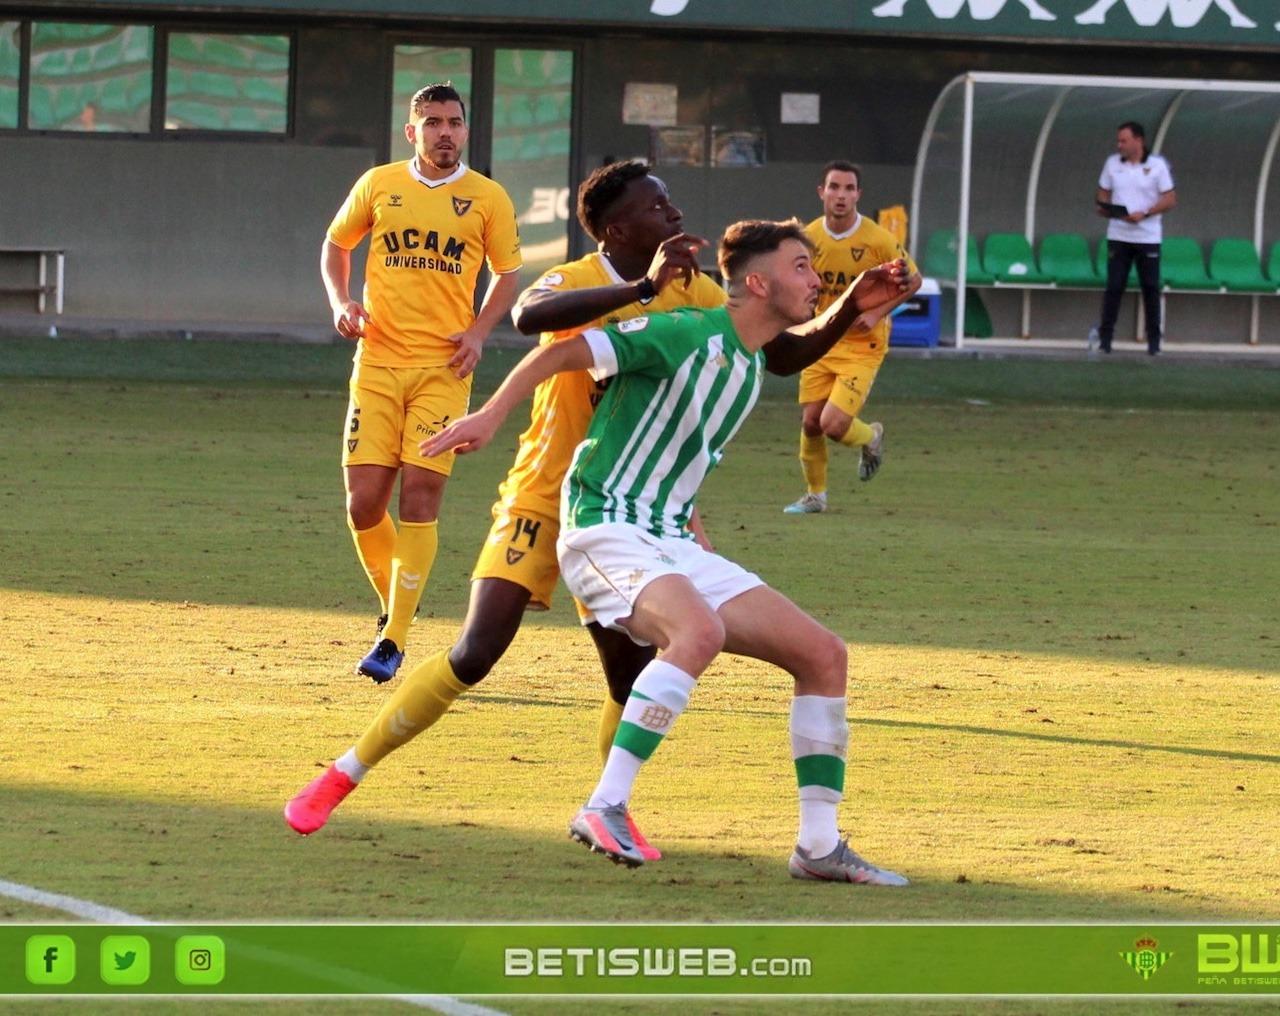 aJ5-Betis-Deportivo-vs-UCAM-Murcia-CF104